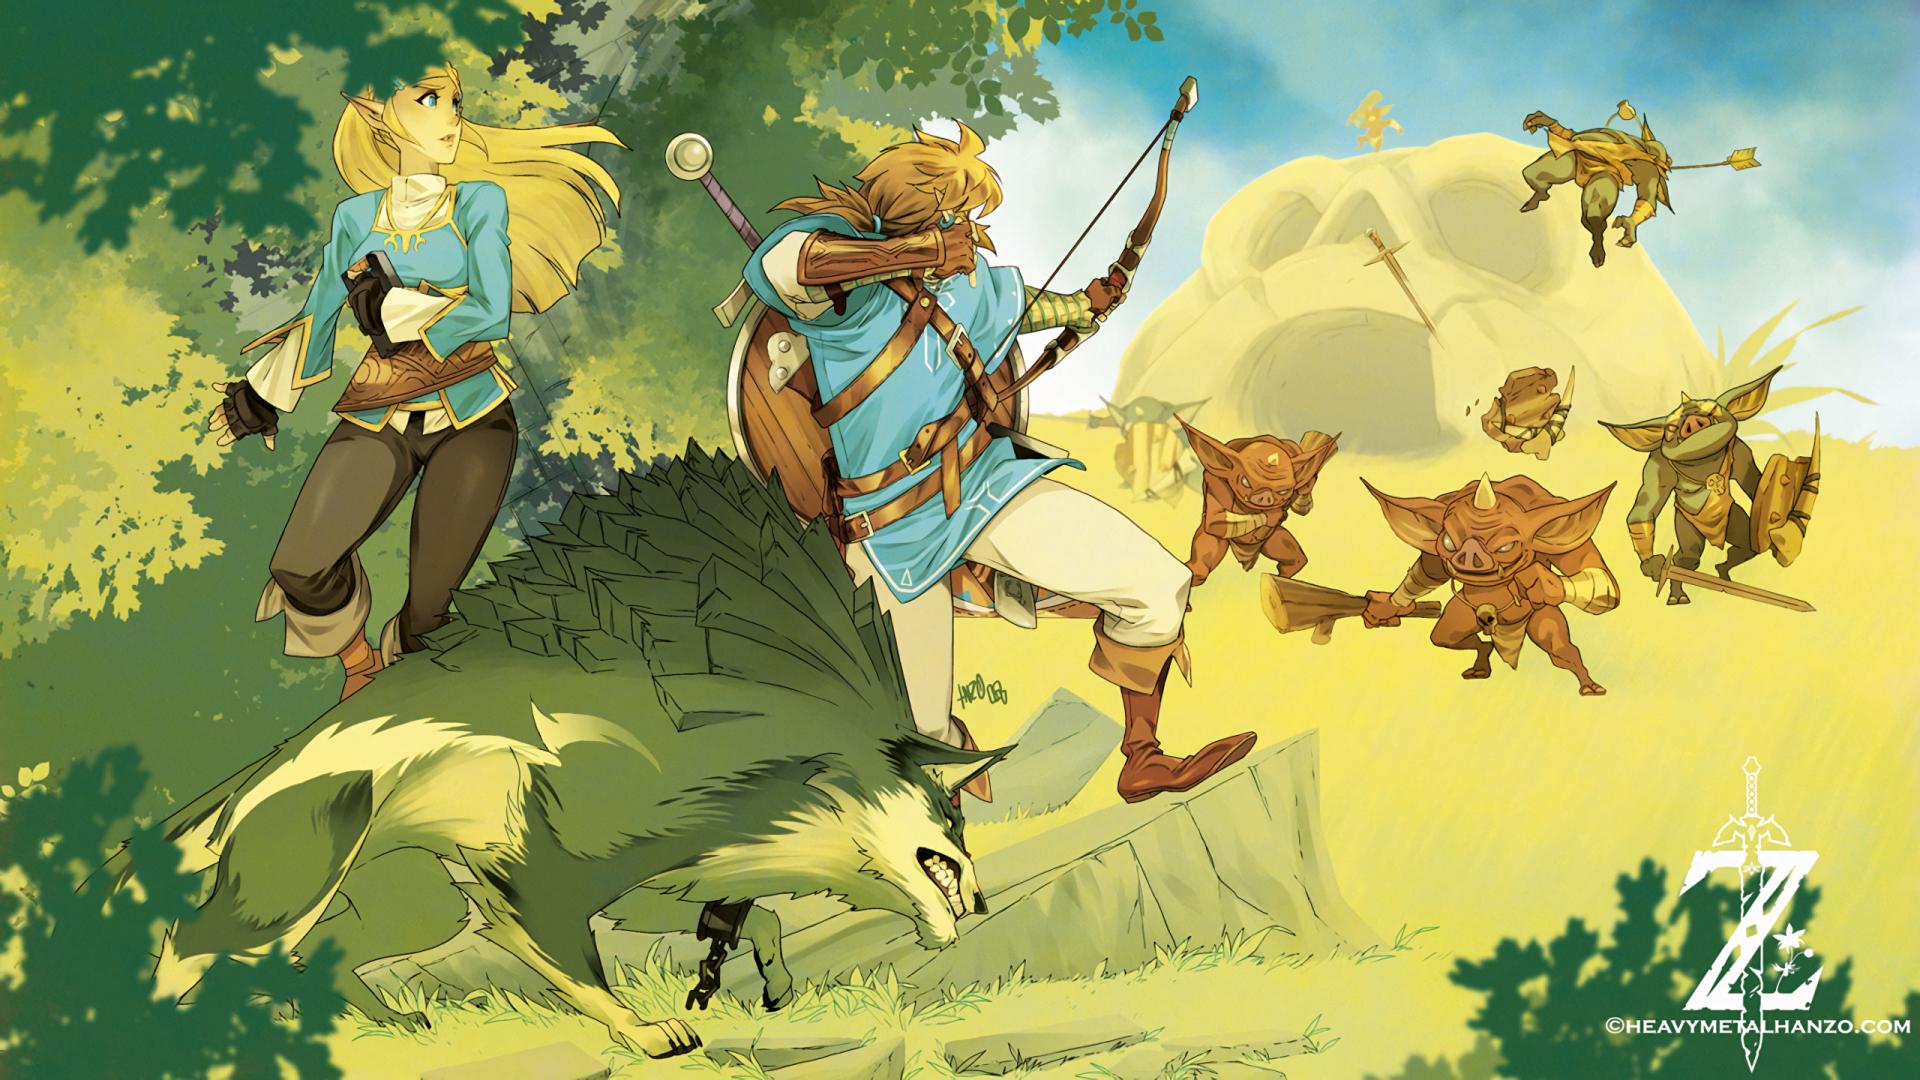 The Legend Of Zelda: Breath Of The Wild HD Wallpaper